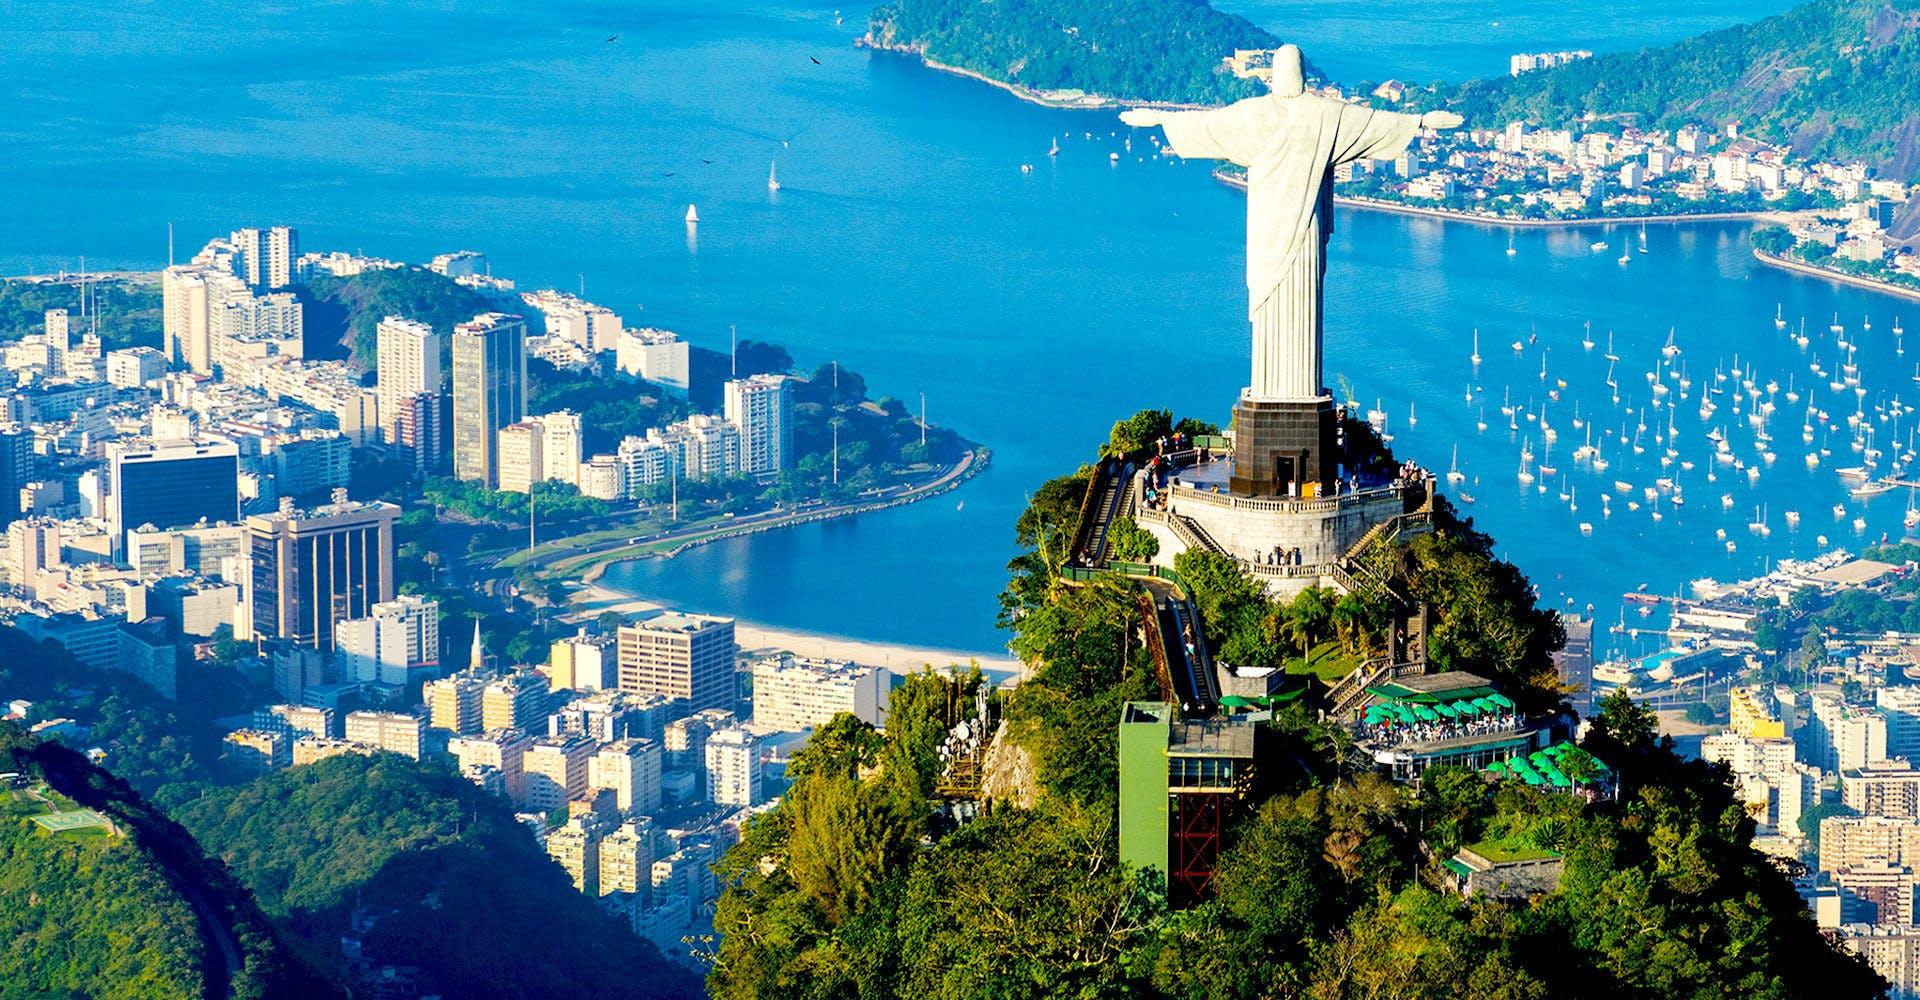 ブラジルのホテル 海外ホテル予約 [一休.com]